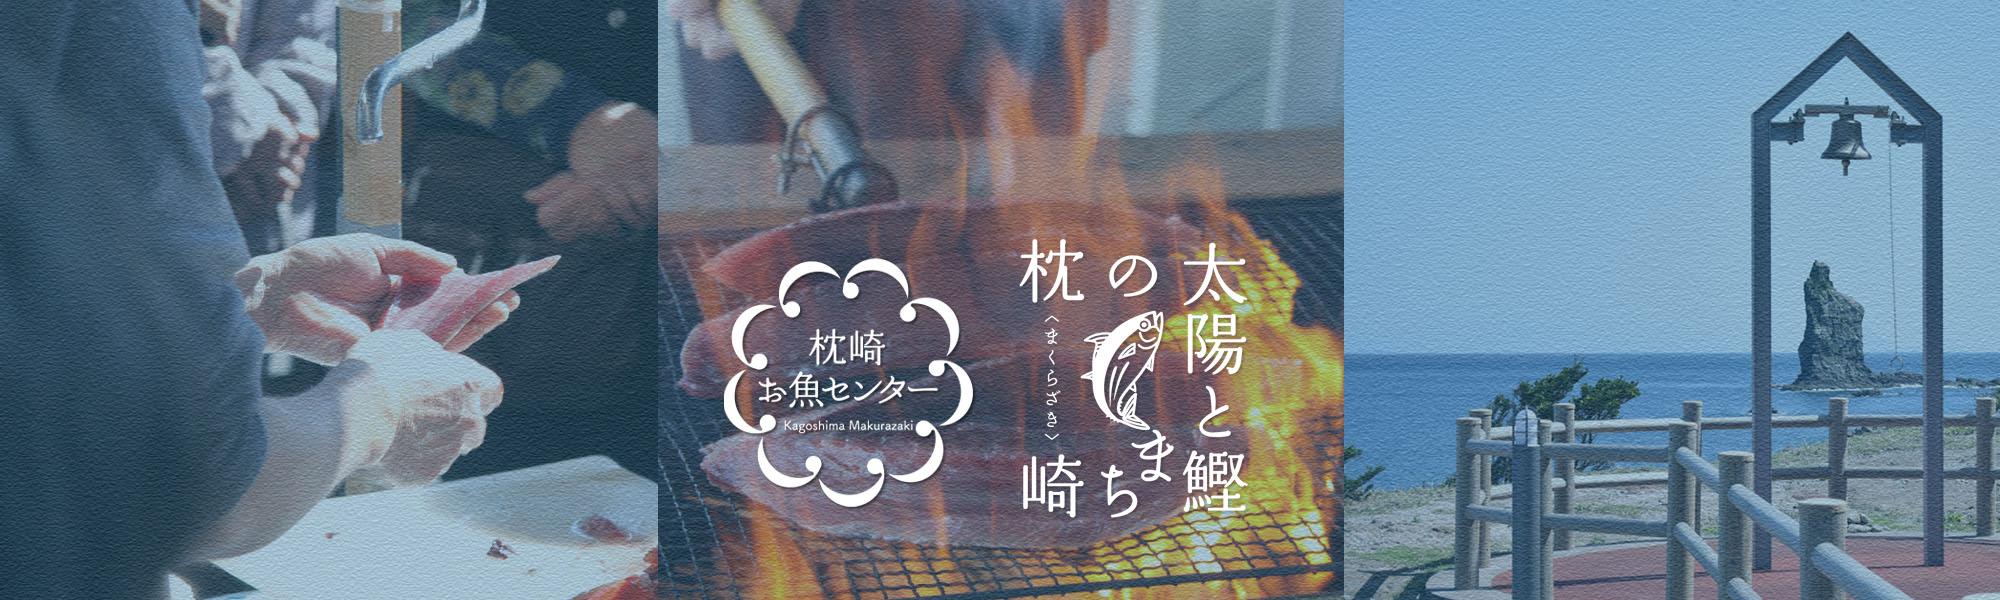 枕崎お魚センター カツオのわら焼き体験 イメージ画像